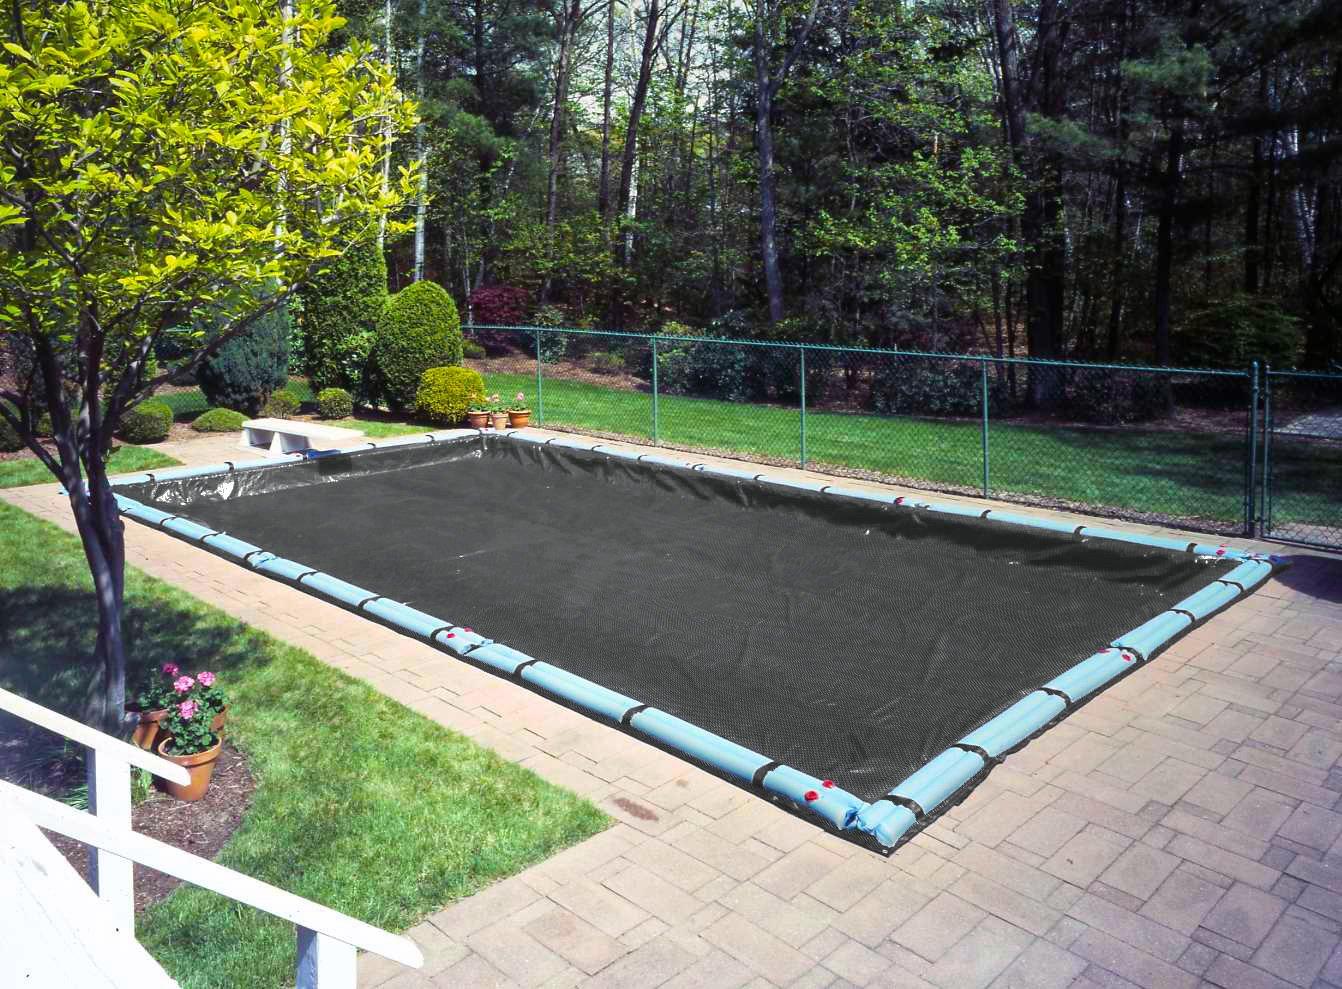 Robelle 381636R Mesh Winter Cover for 16 ft. x 36 ft. Rectangular In-Ground Swimming Pool B009QGLTPE